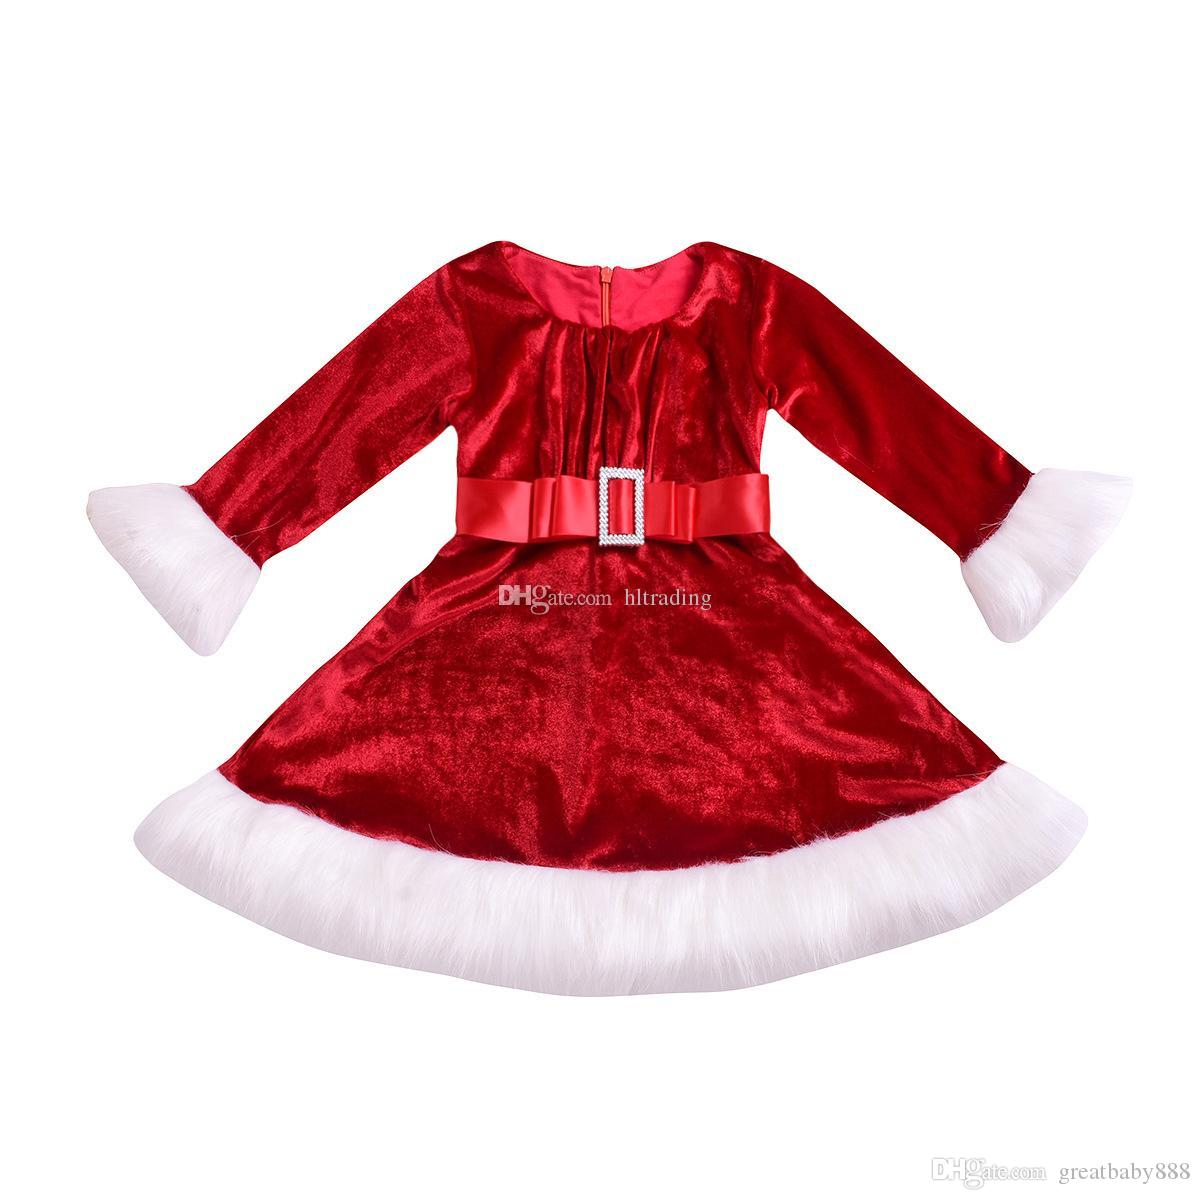 232148a4fa0b0 Acheter Bébé Filles Noël Or Robe De Velours Enfants Robe De Noël Arc  Ceinture Robes De Princesse Printemps Automne Boutique De Mode Pour Enfants  Vêtements ...